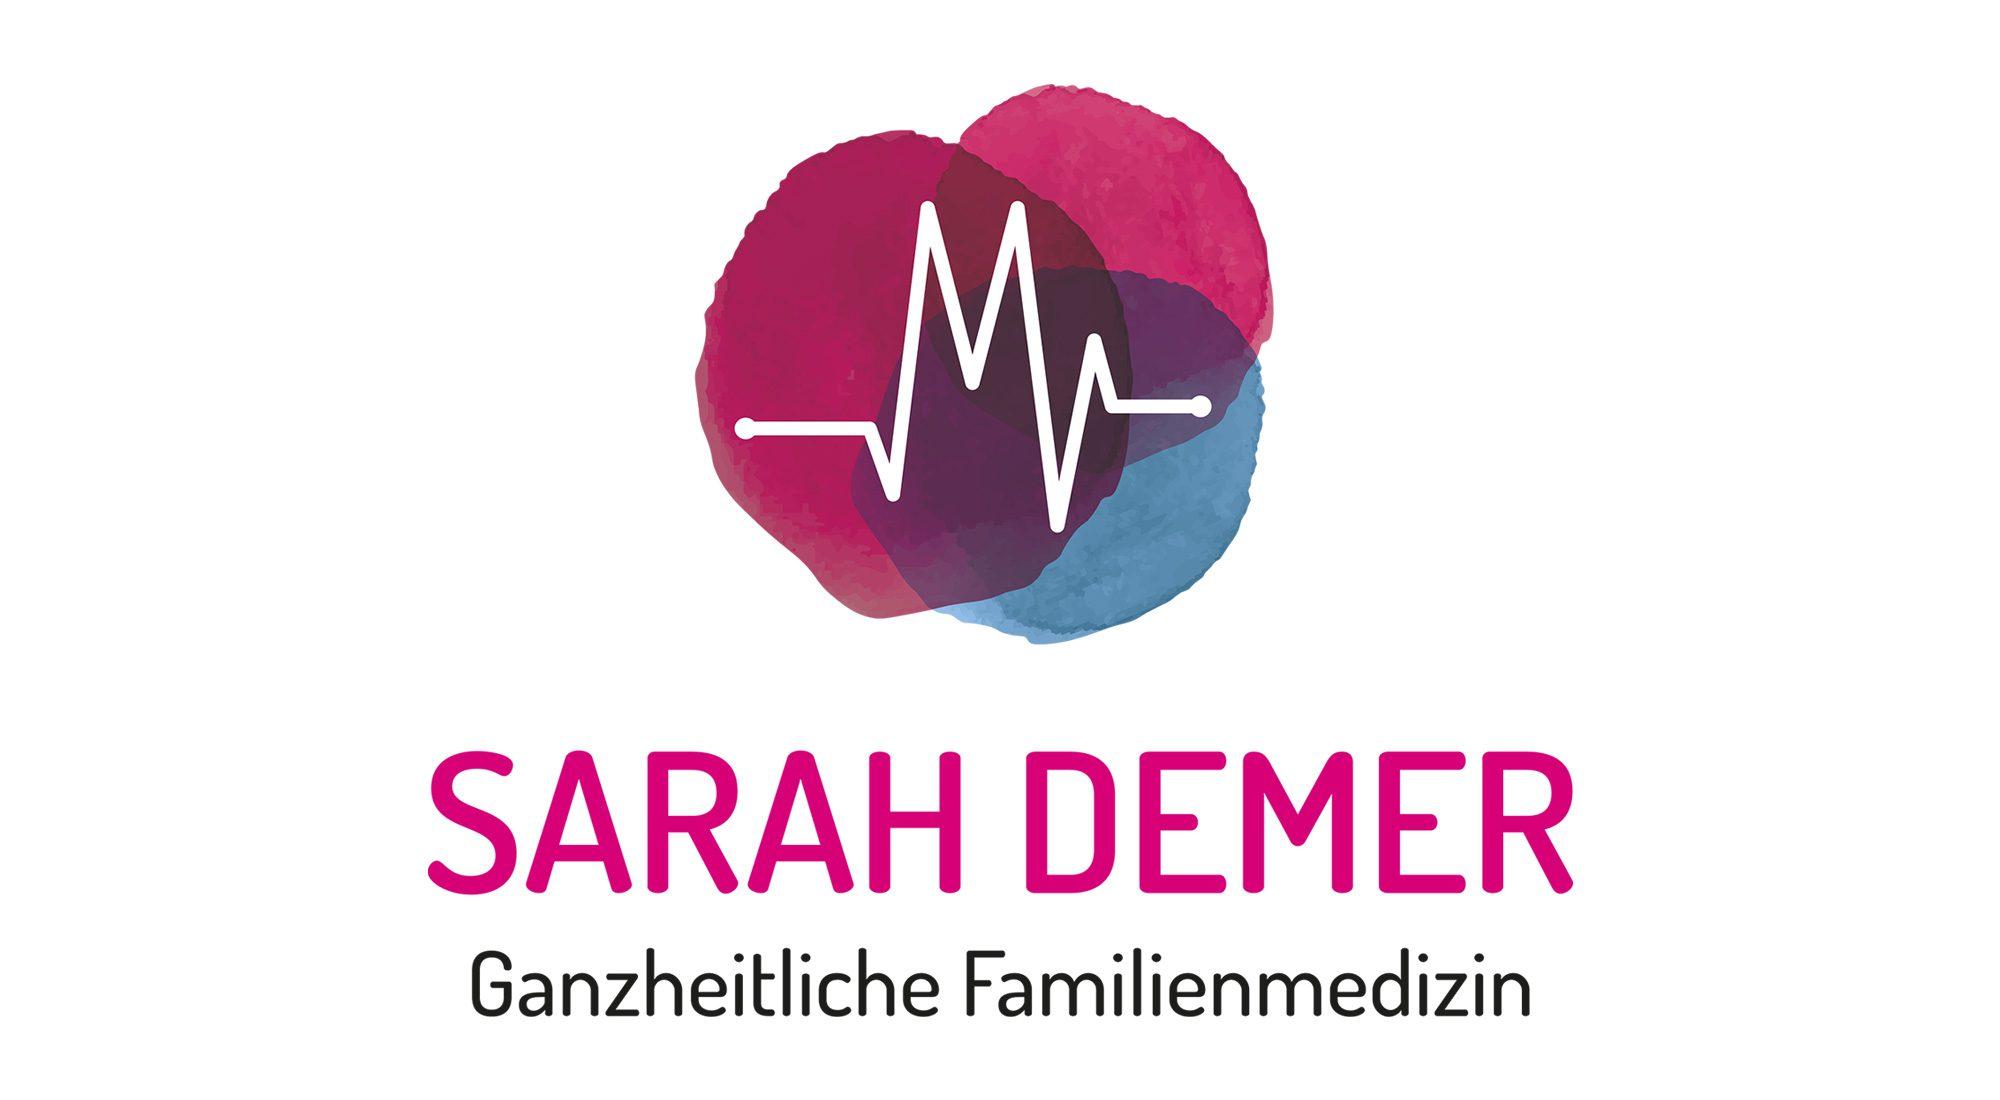 """Geschäftsausstattung """"Sarah Demer"""" 1"""